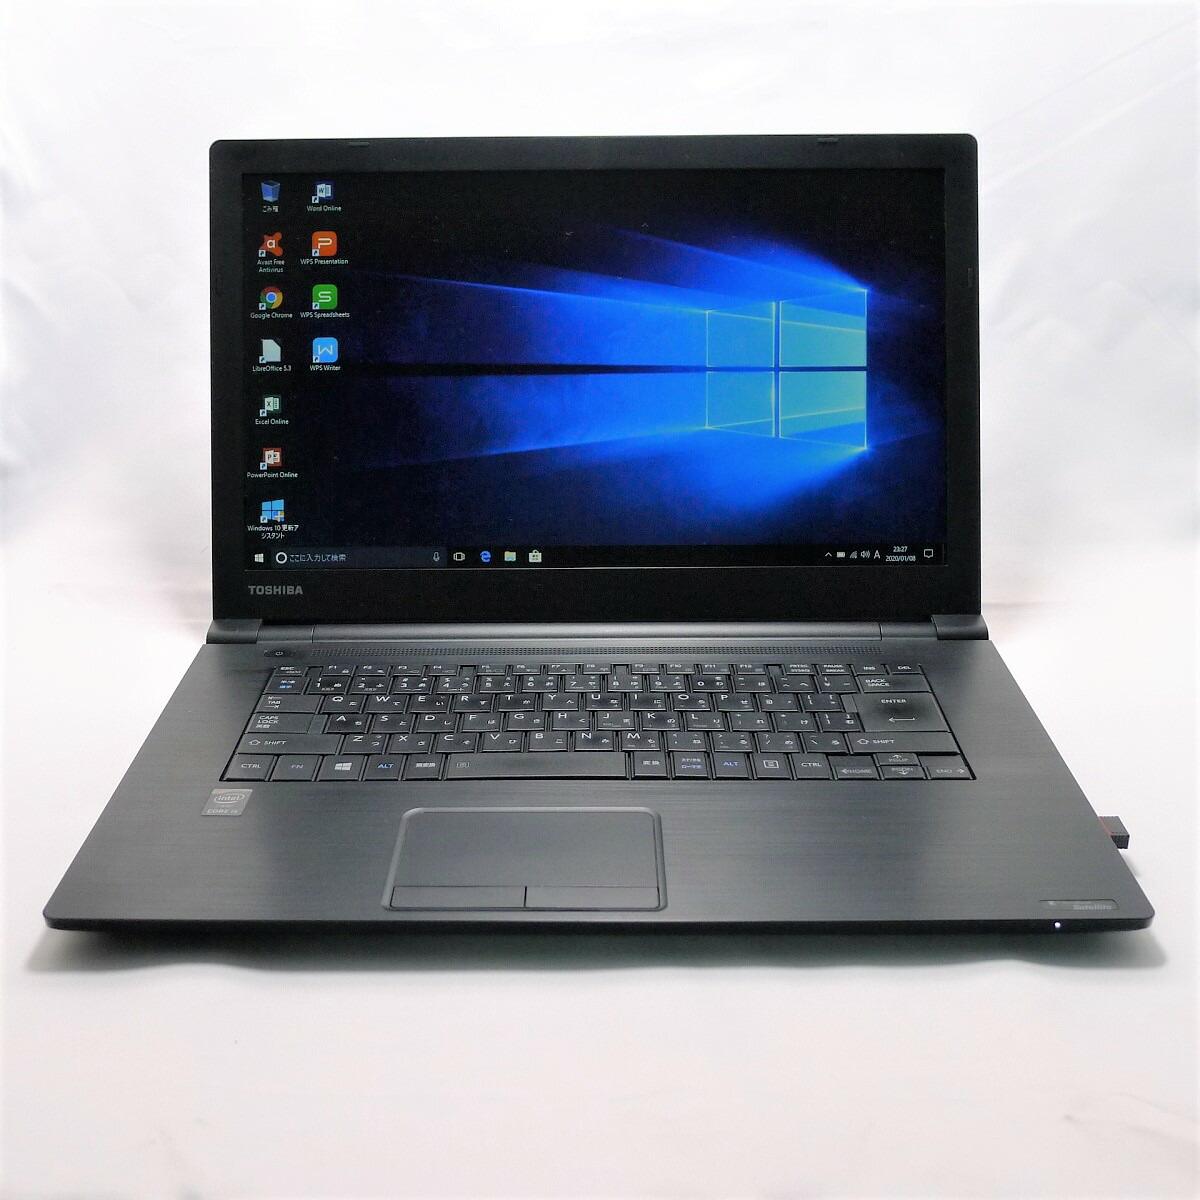 【爆売り!】 TOSHIBA dynabook Satellite B65 Core i5 8GB 新品SSD4TB DVD-ROM 無線LAN Windows10 64bitWPSOffice 15.6インチ  パソコン 【】 ノートパソコン, メンズバッグ専門店 紳士の持ち物 5117d4fa